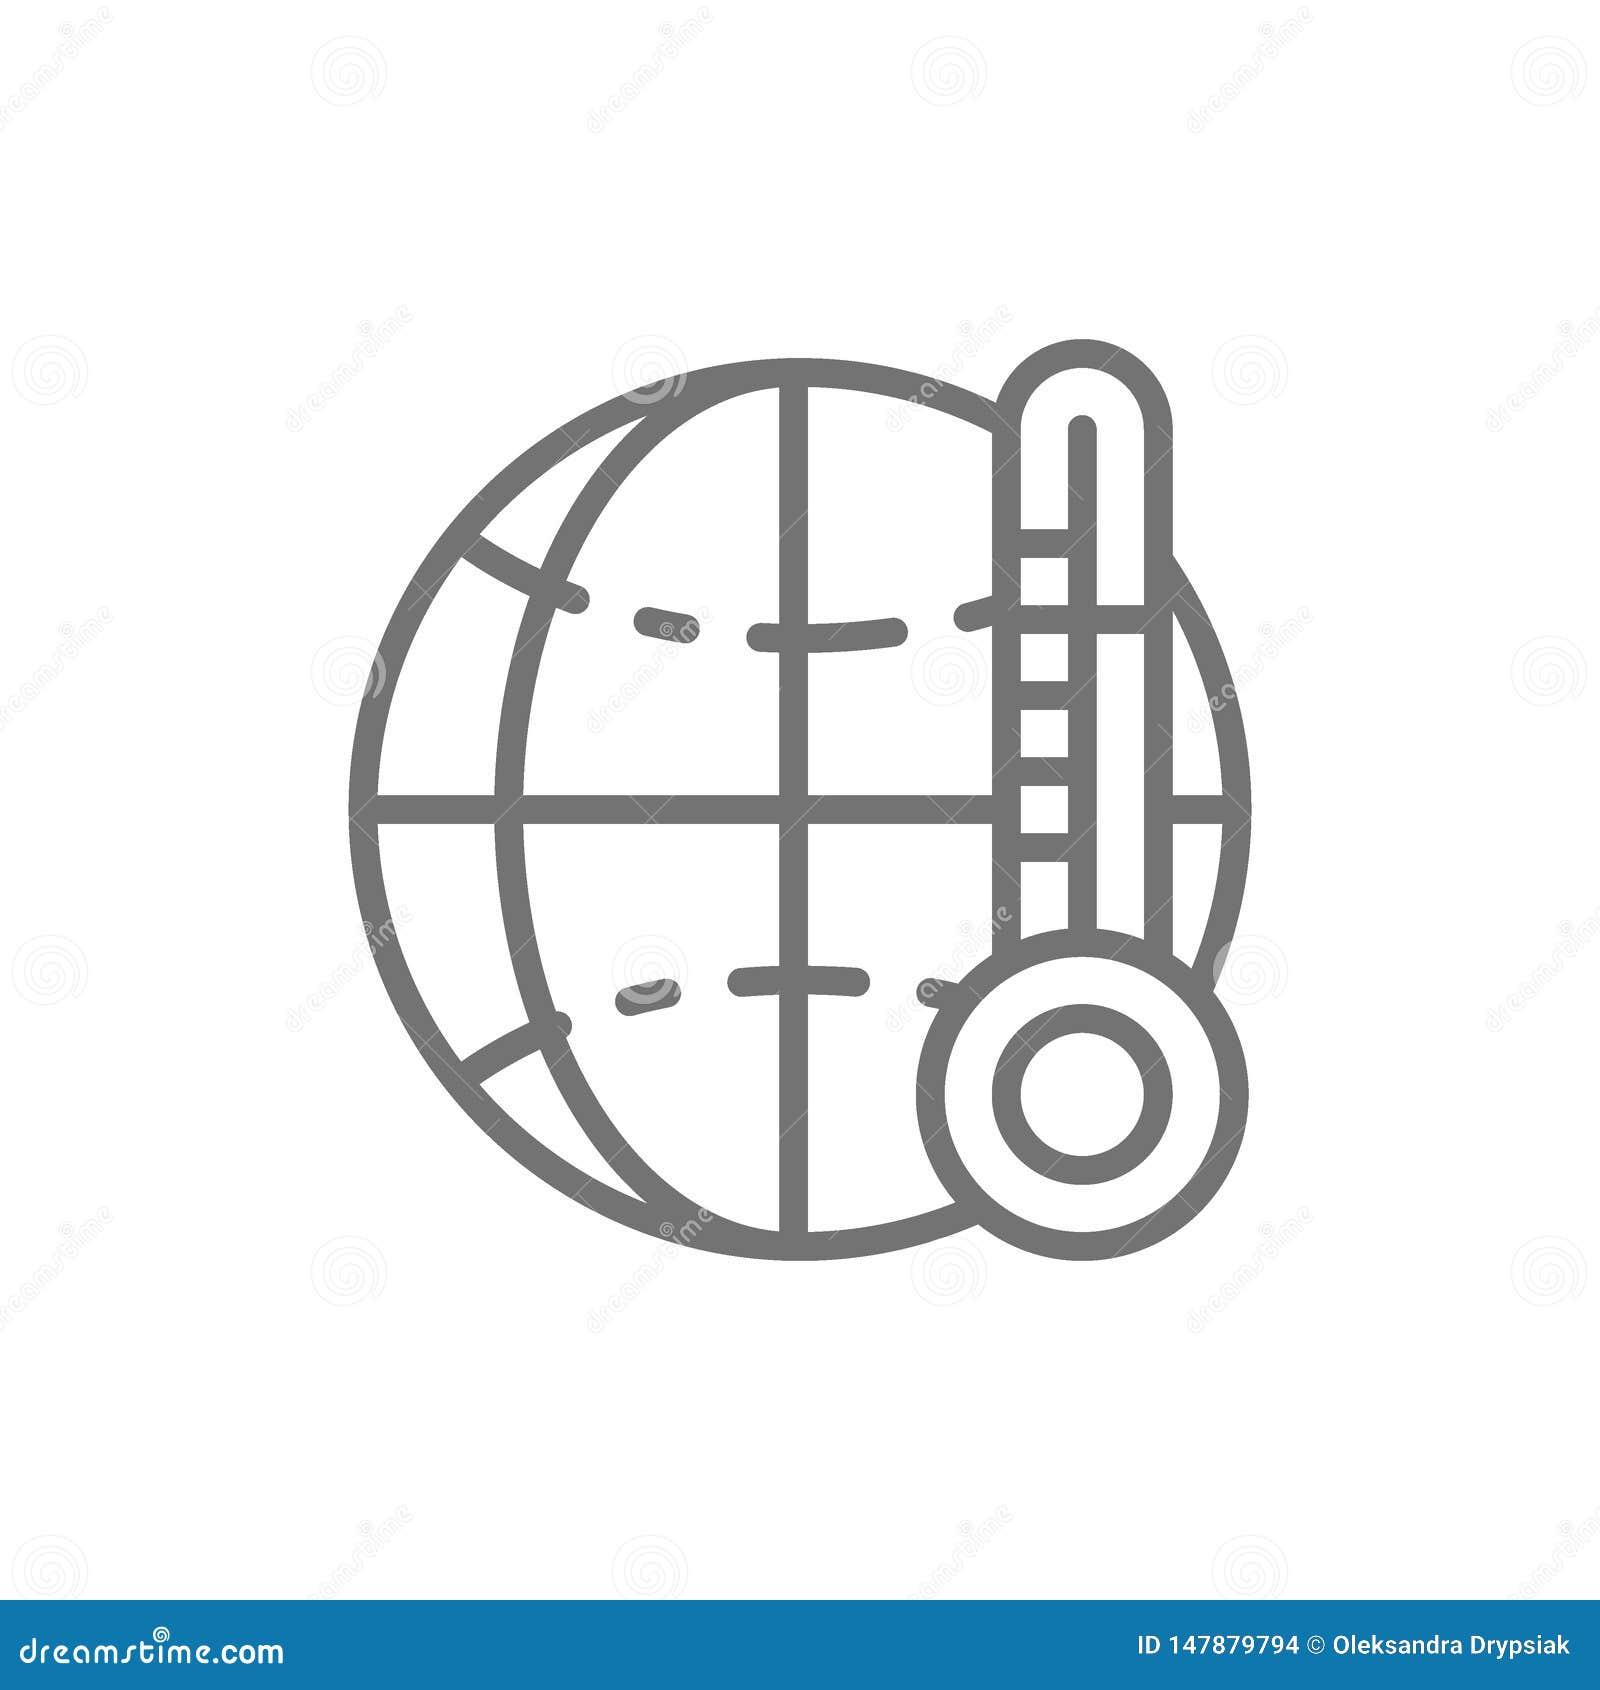 Calentamiento del planeta, línea anormalmente da alta temperatura icono